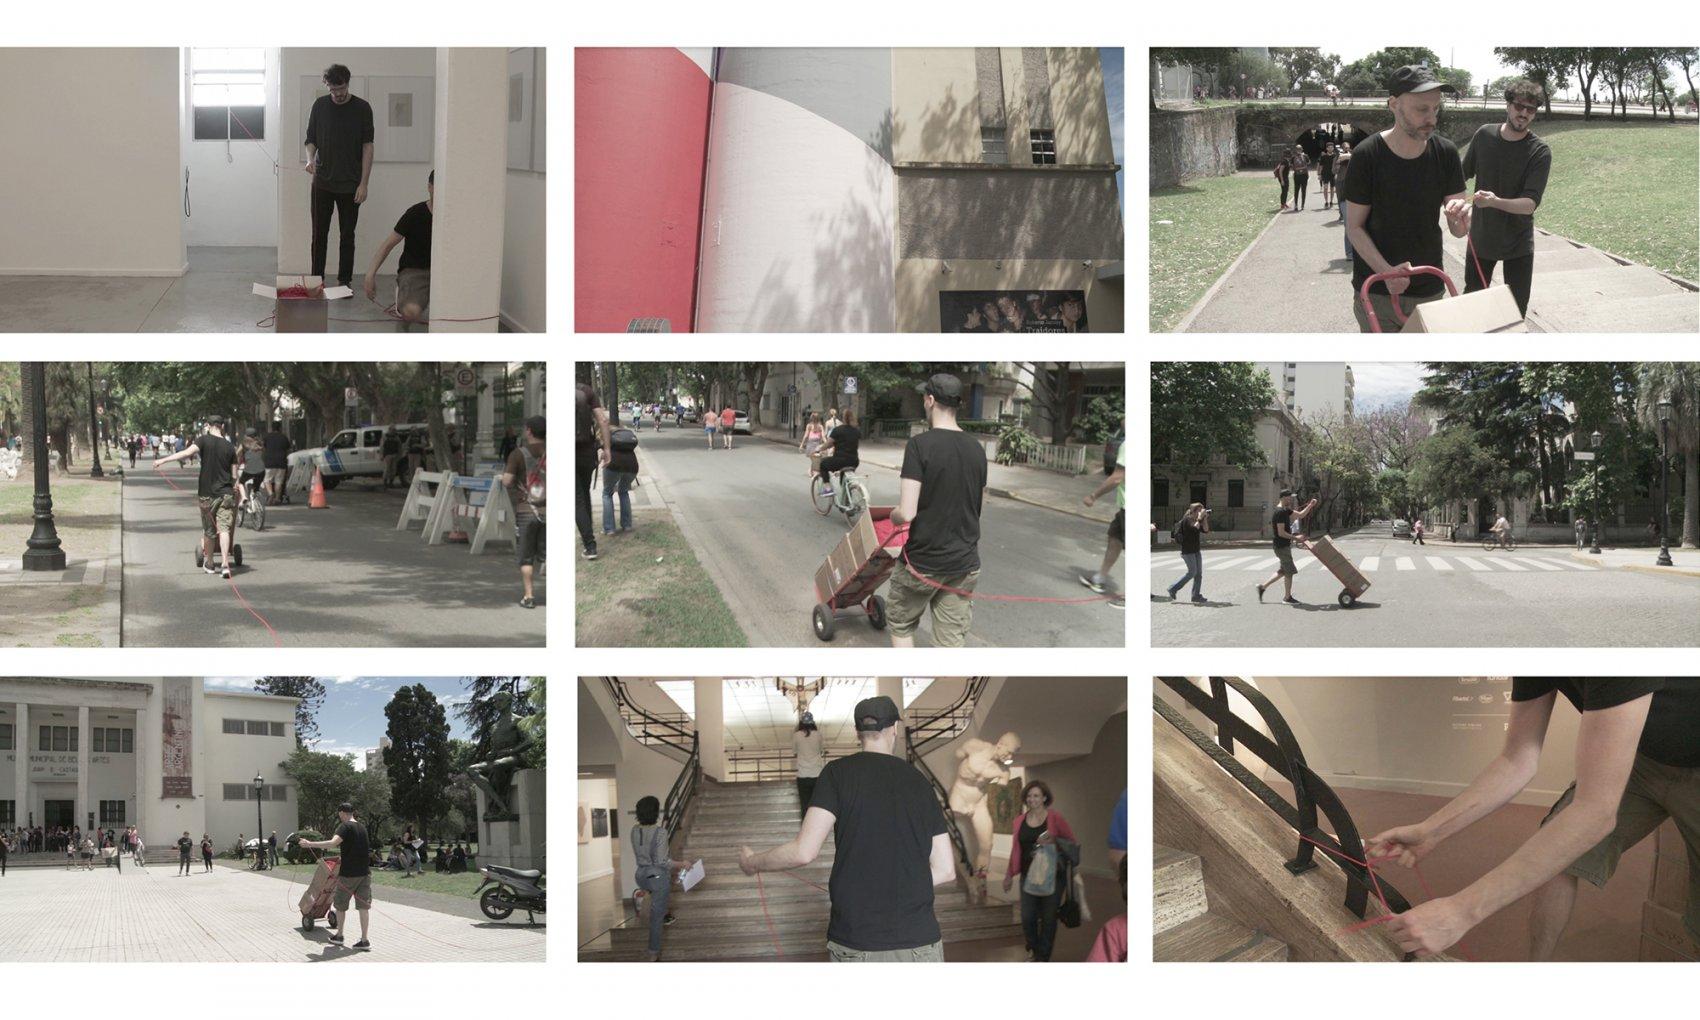 Ensayo geográfico o unión física (2018) - Camilo Guinot